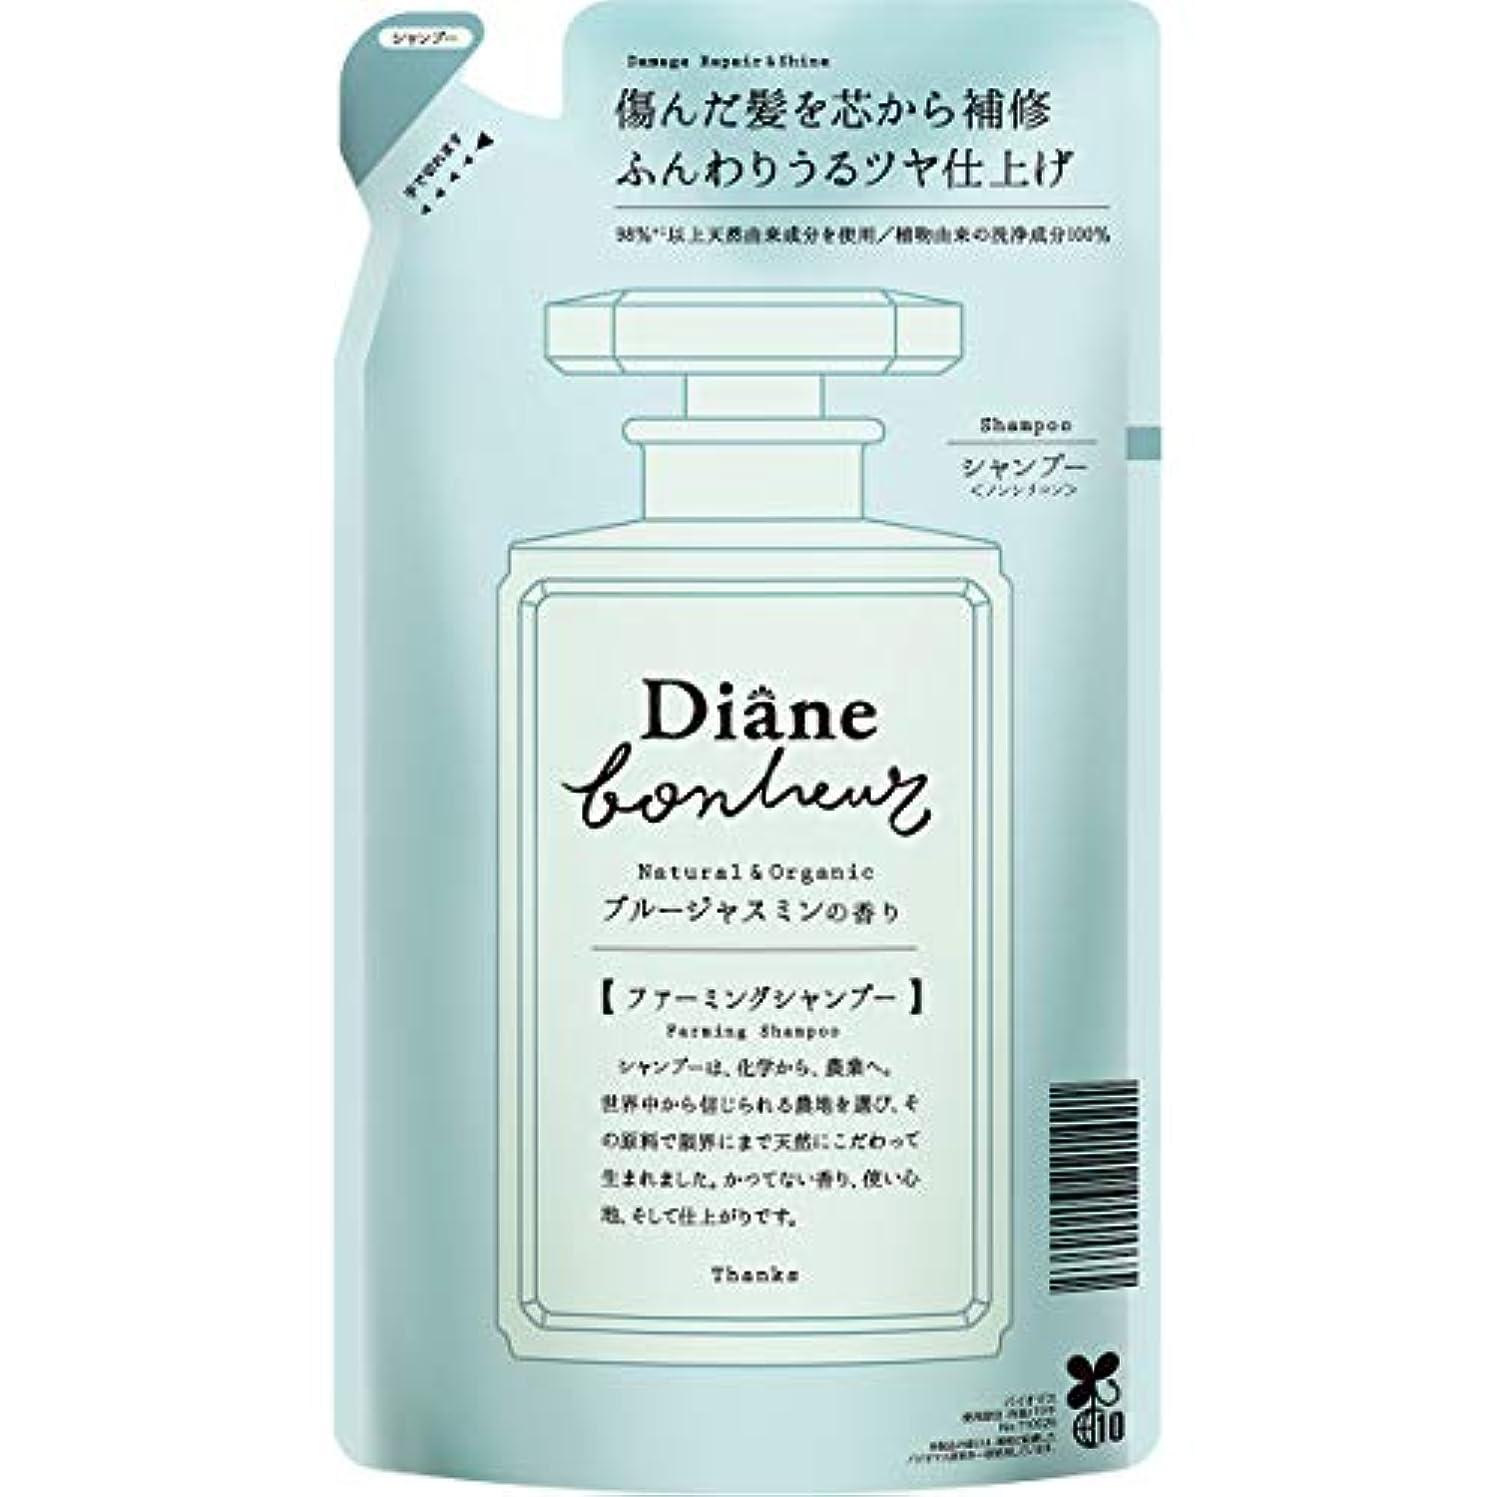 同盟ブレンド素晴らしいですダイアン ボヌール シャンプー ブルージャスミンの香り ダメージリペア&シャイン 詰め替え 400ml